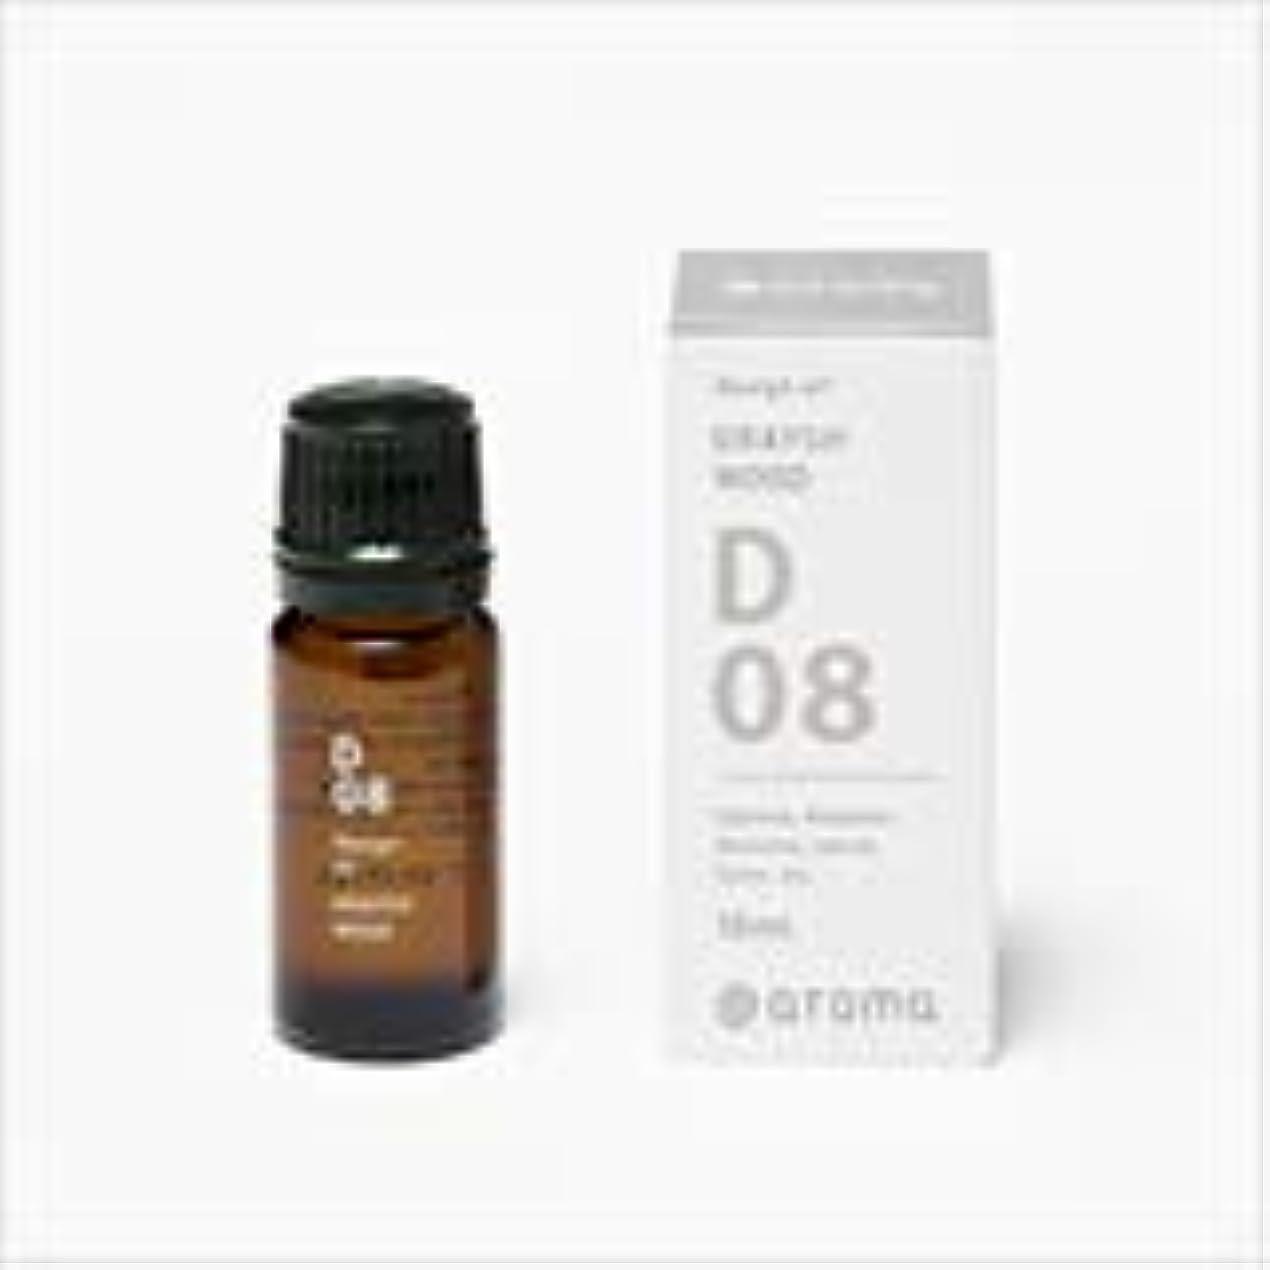 地域輝くもろいアットアロマ 100%pure essential oil <Design air コンフォートリラックス>